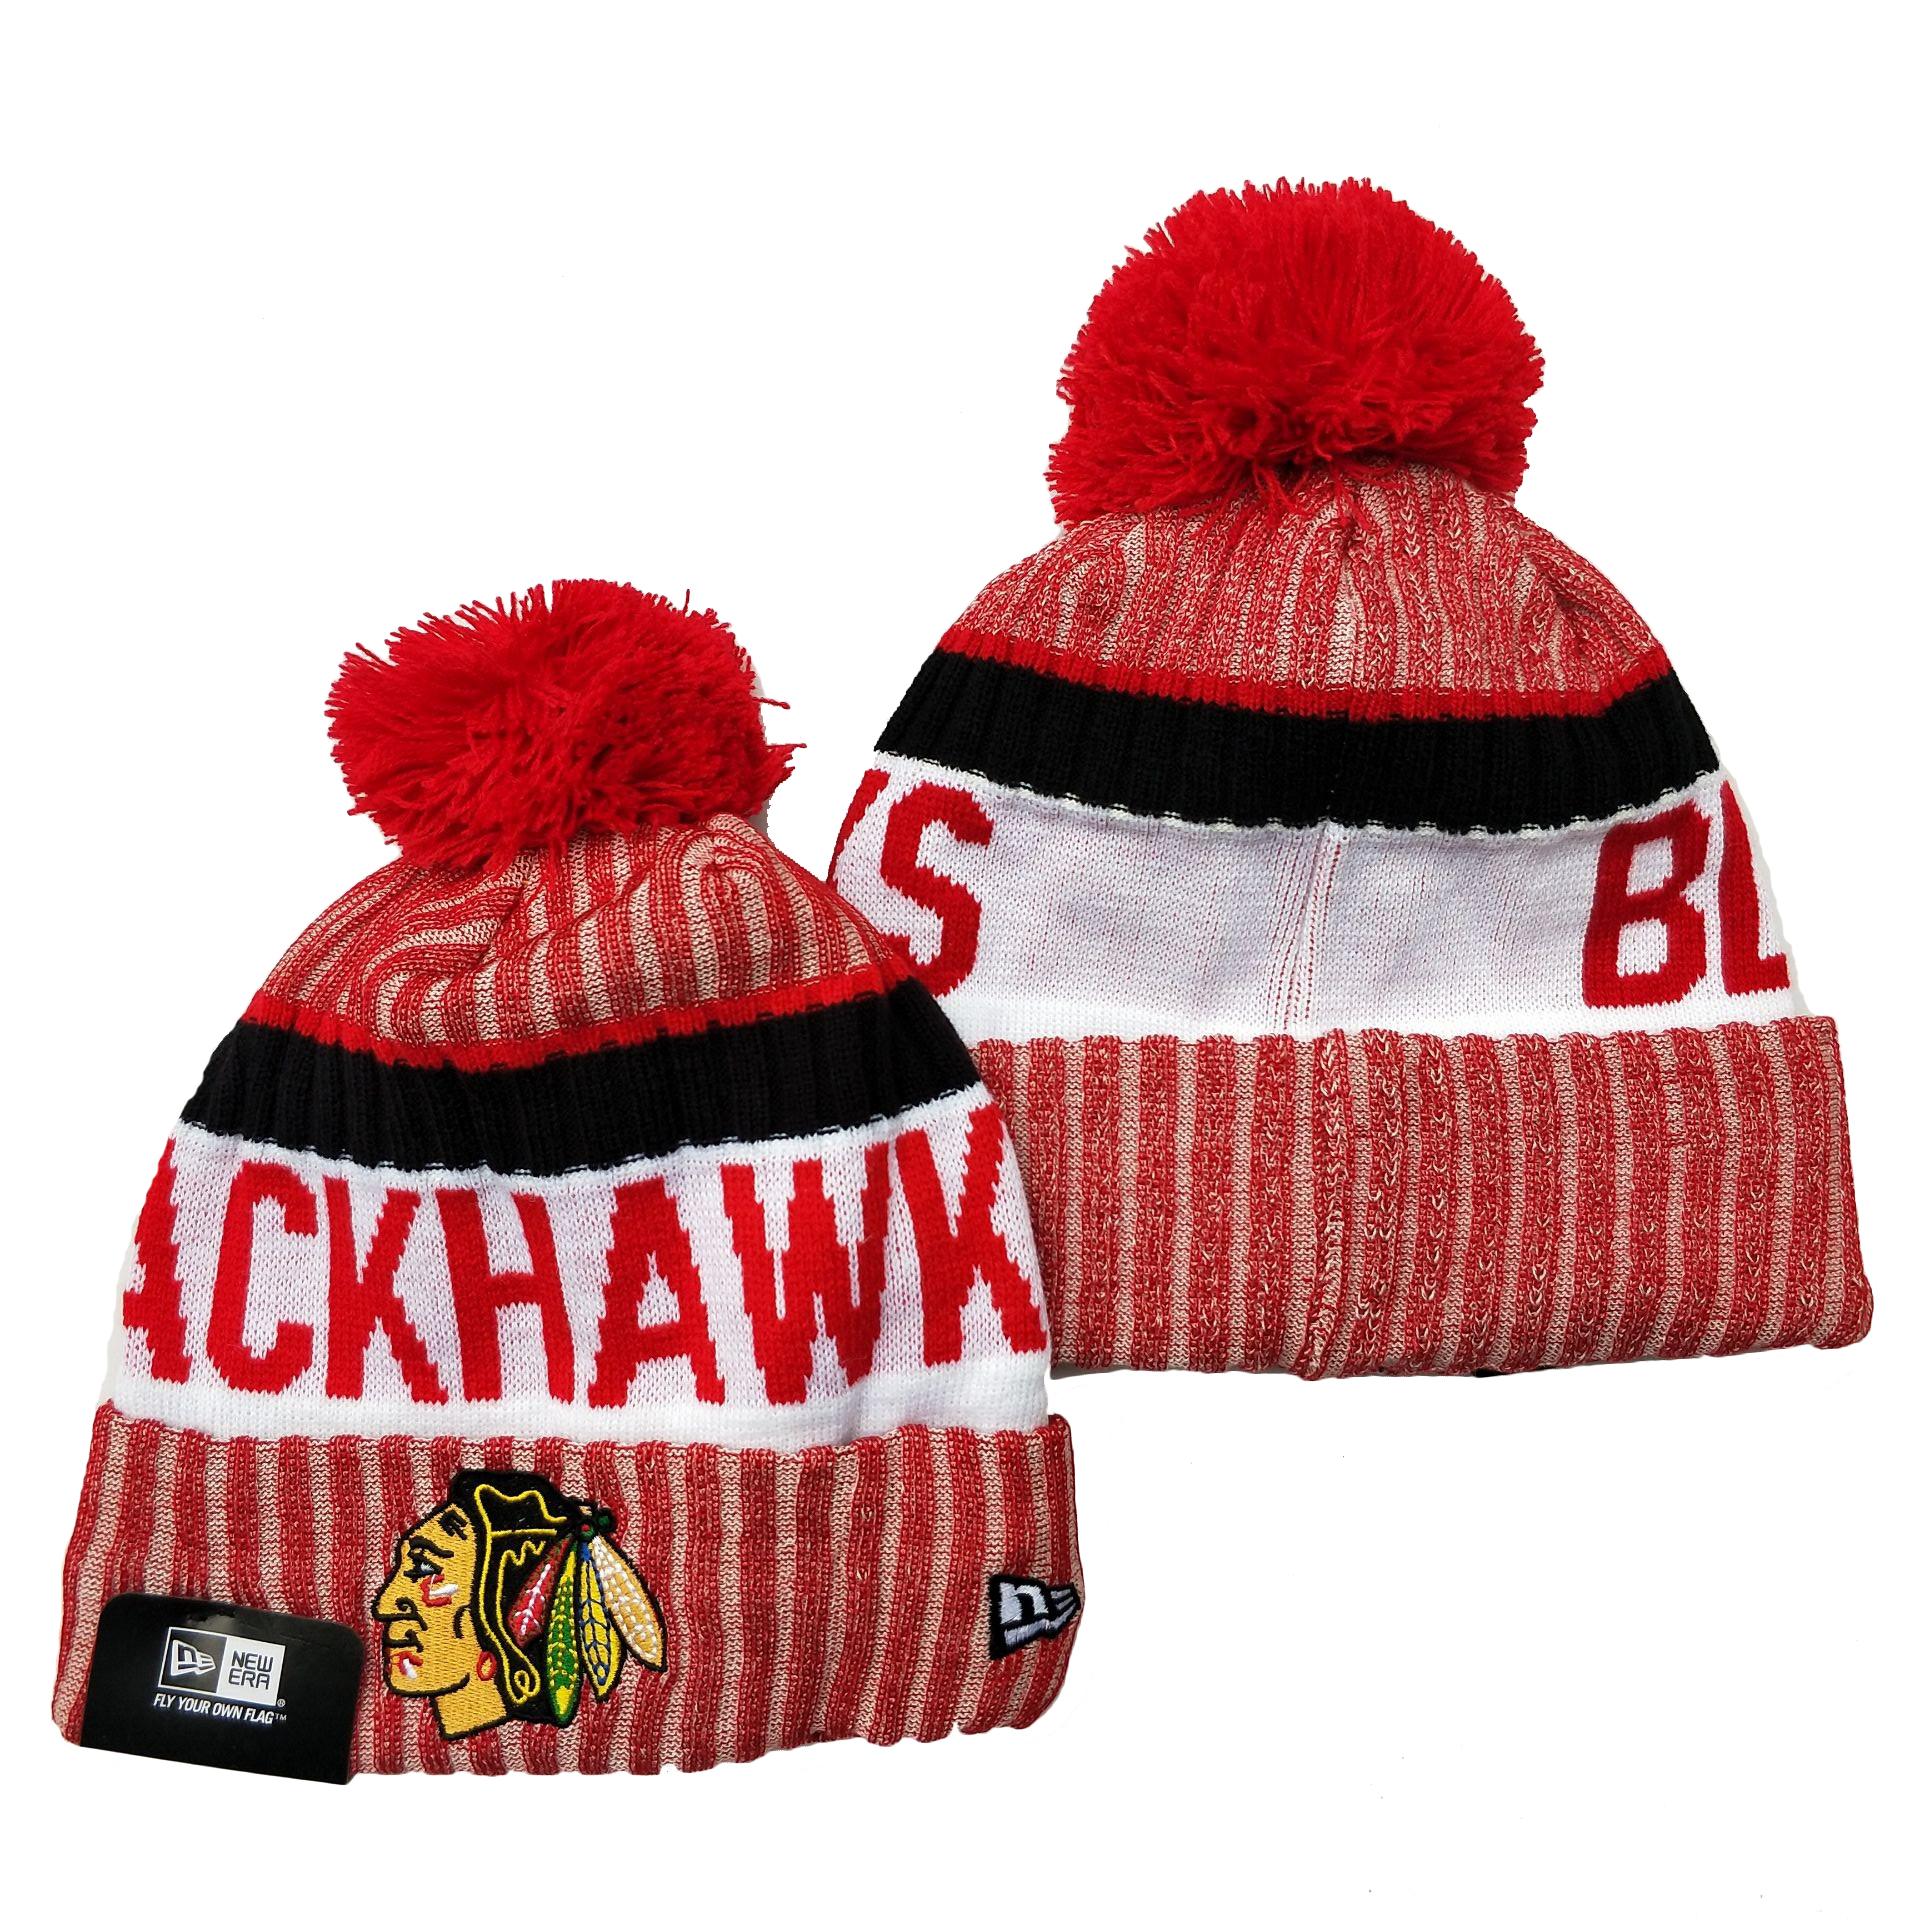 Blackhawks Team Logo Red Cuffed Knit Hat YD